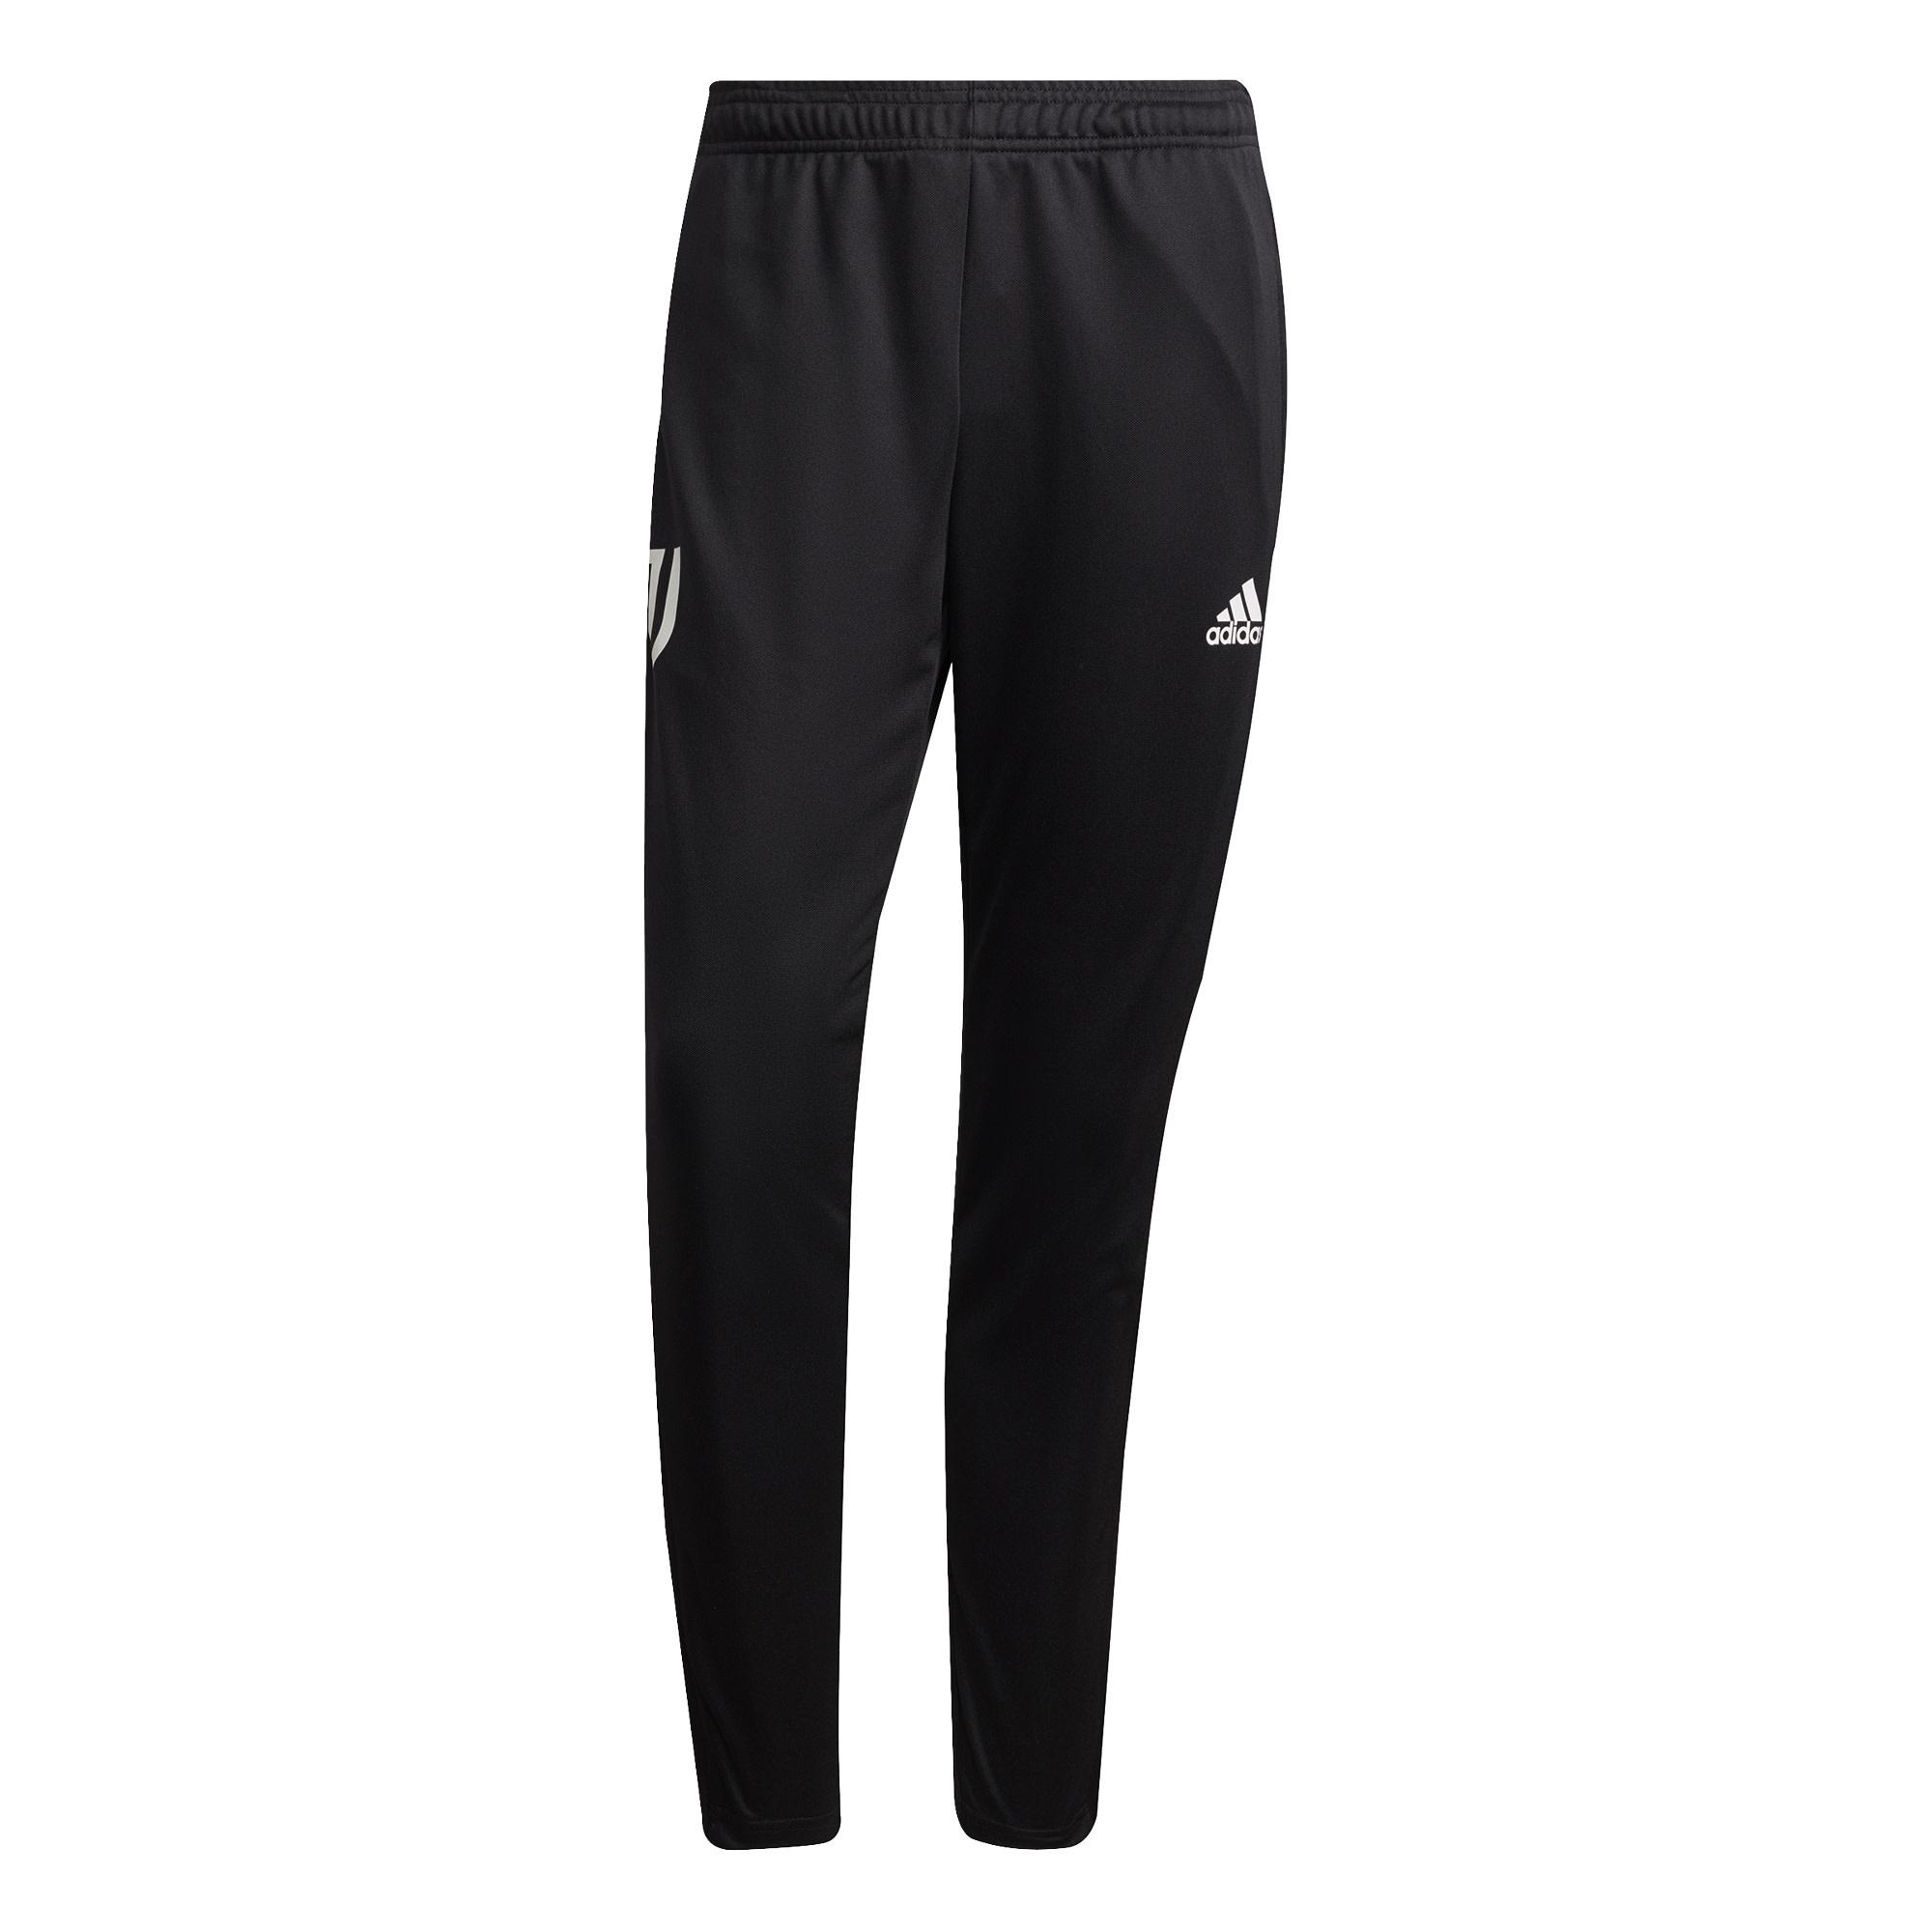 Adidas Juventus Training Pant